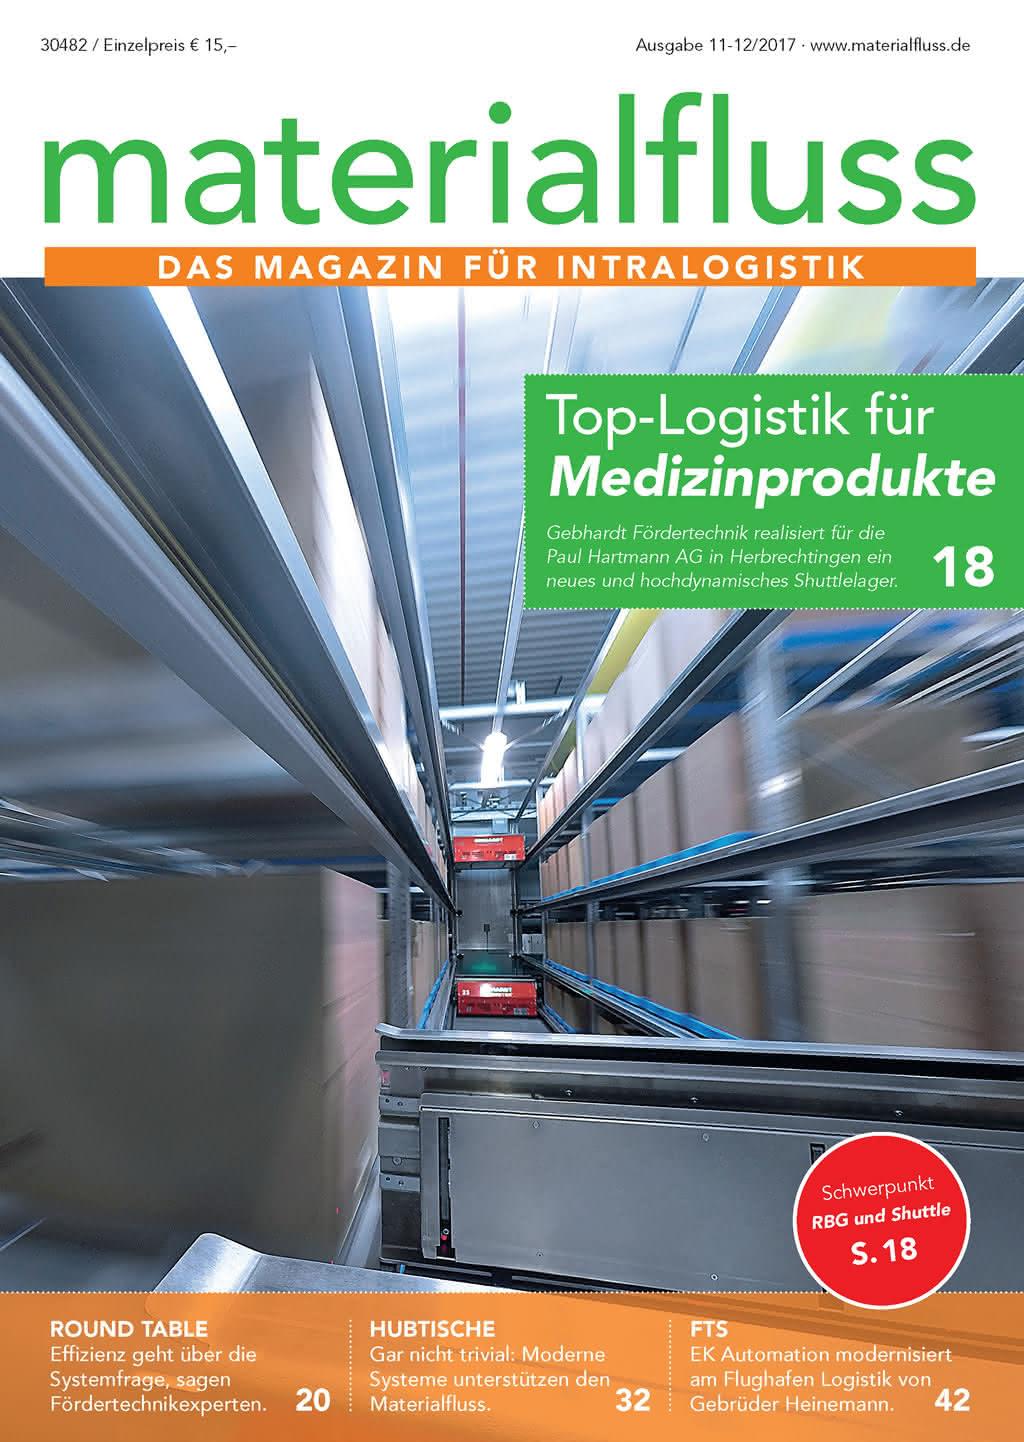 materialfluss 11-12/2017 Titelseite